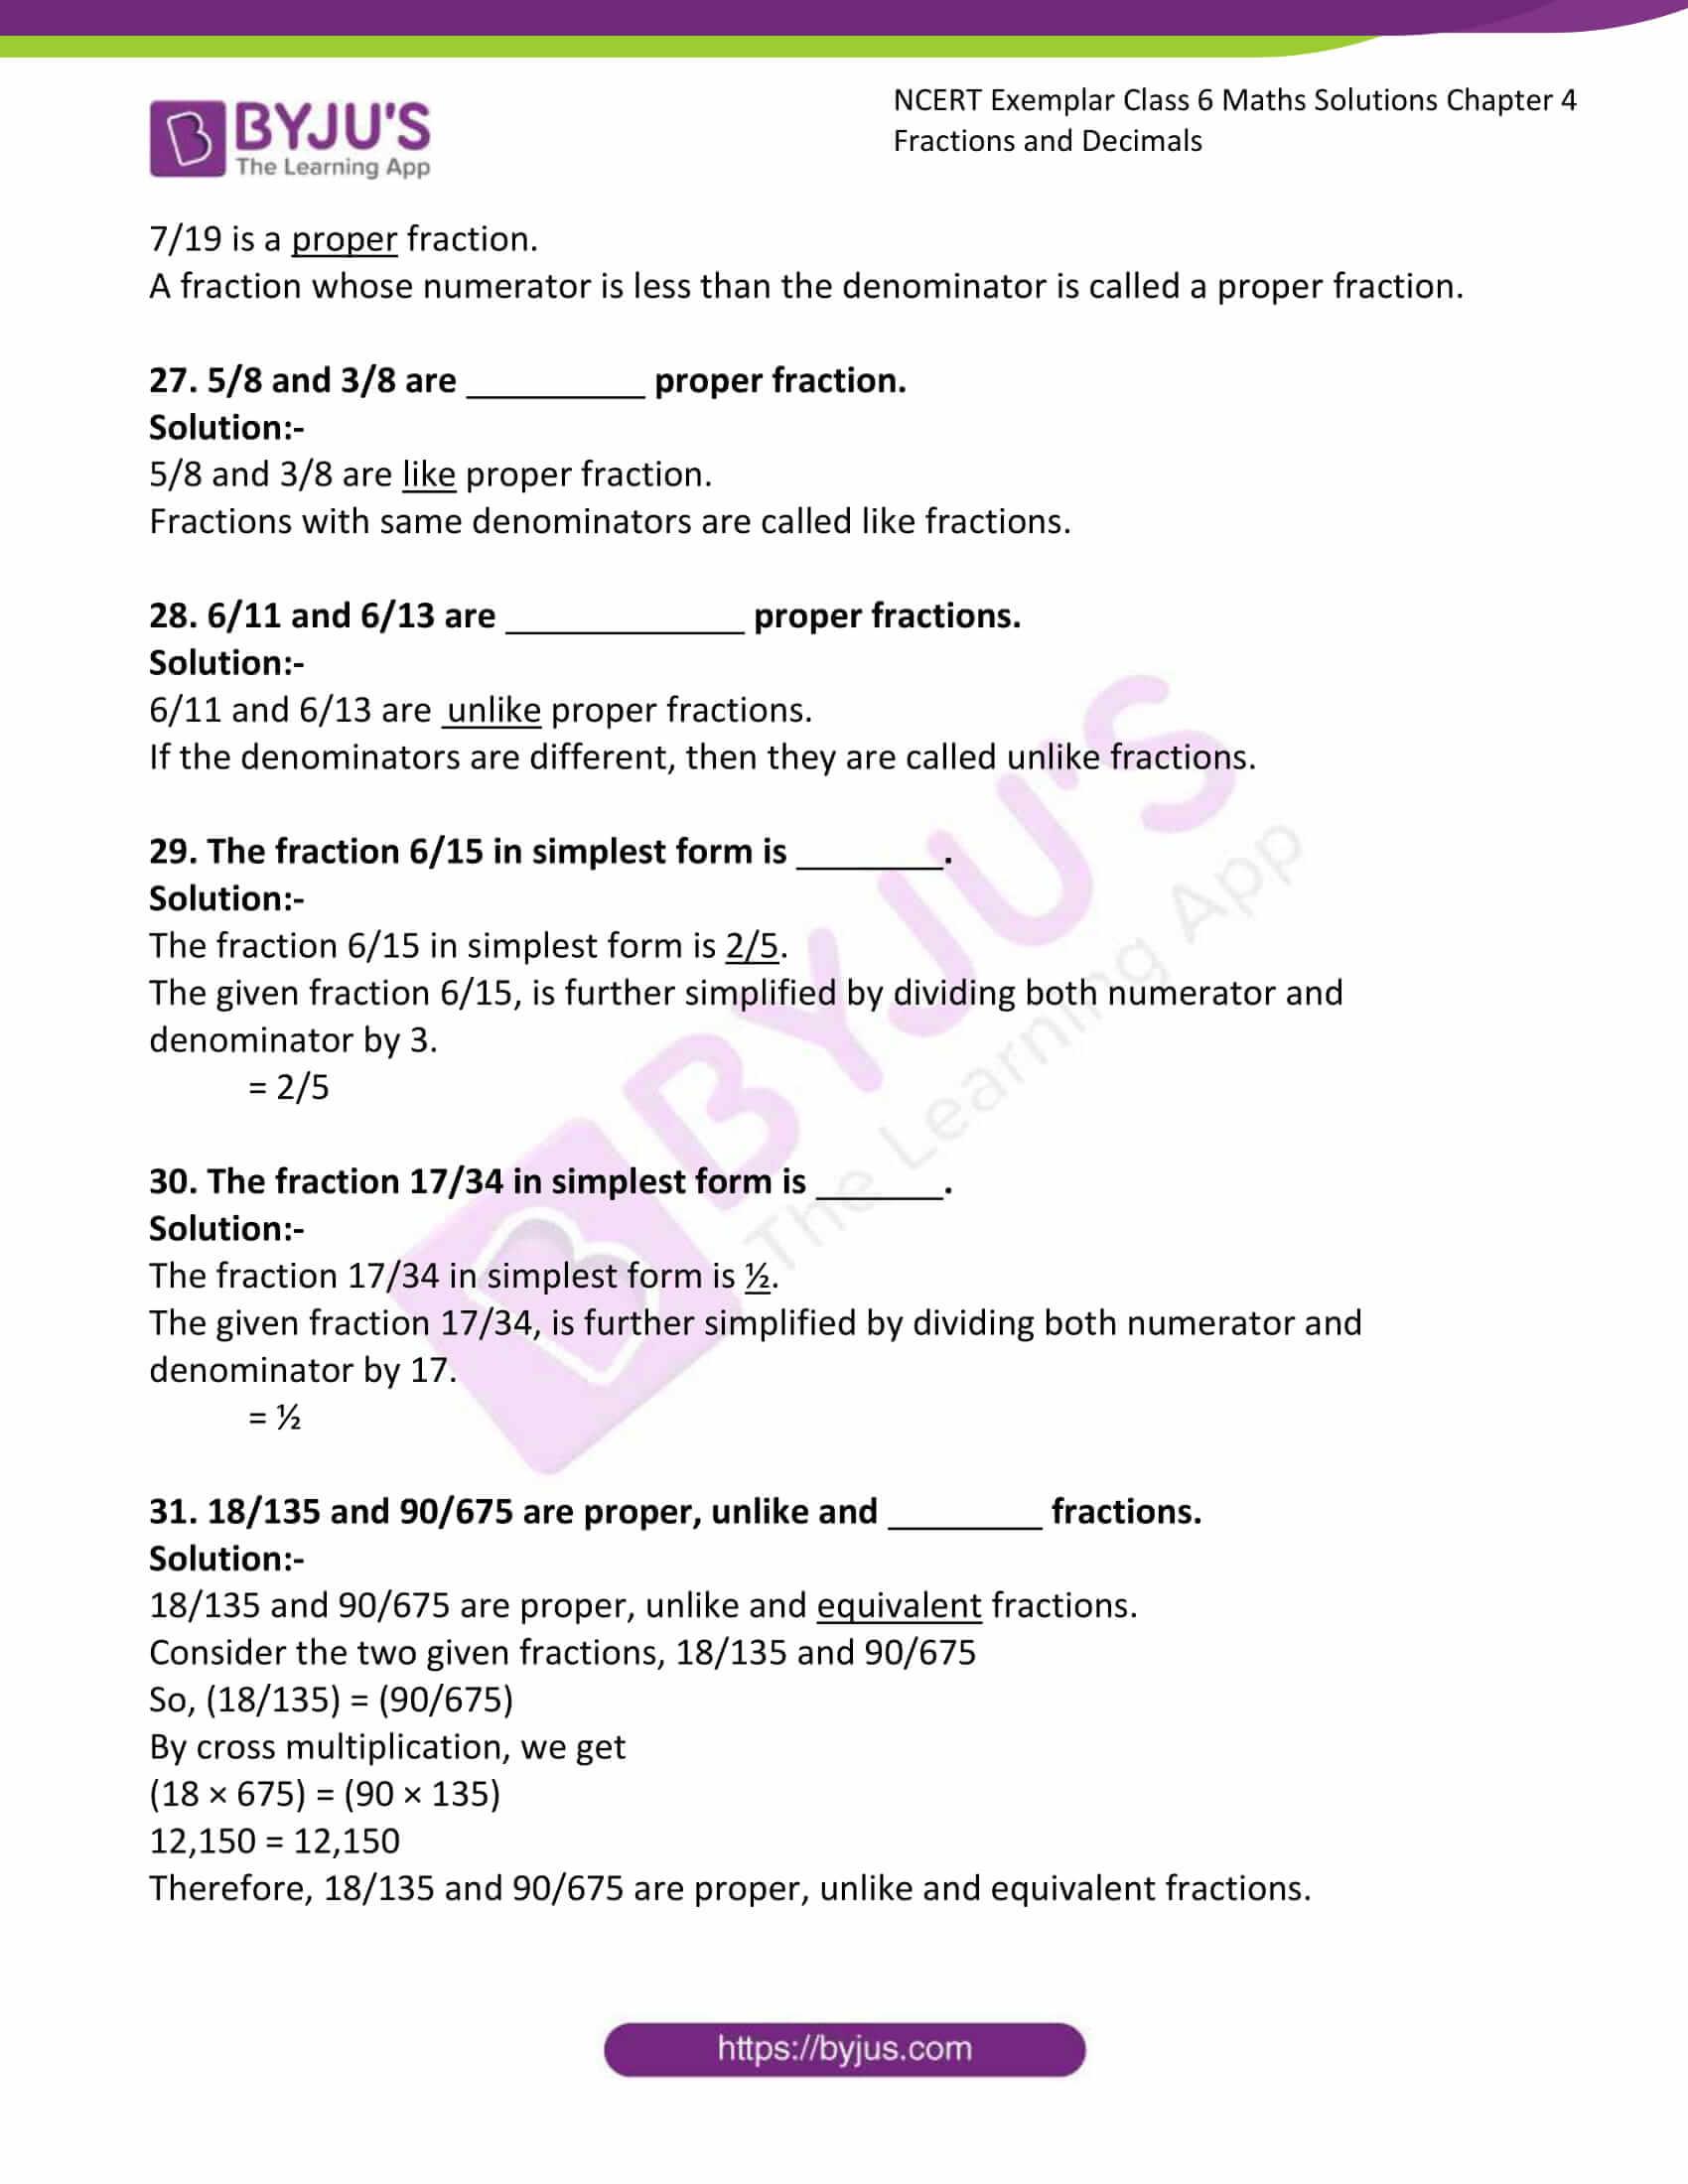 ncert exemplar class 6 maths solutions chapter 4 07